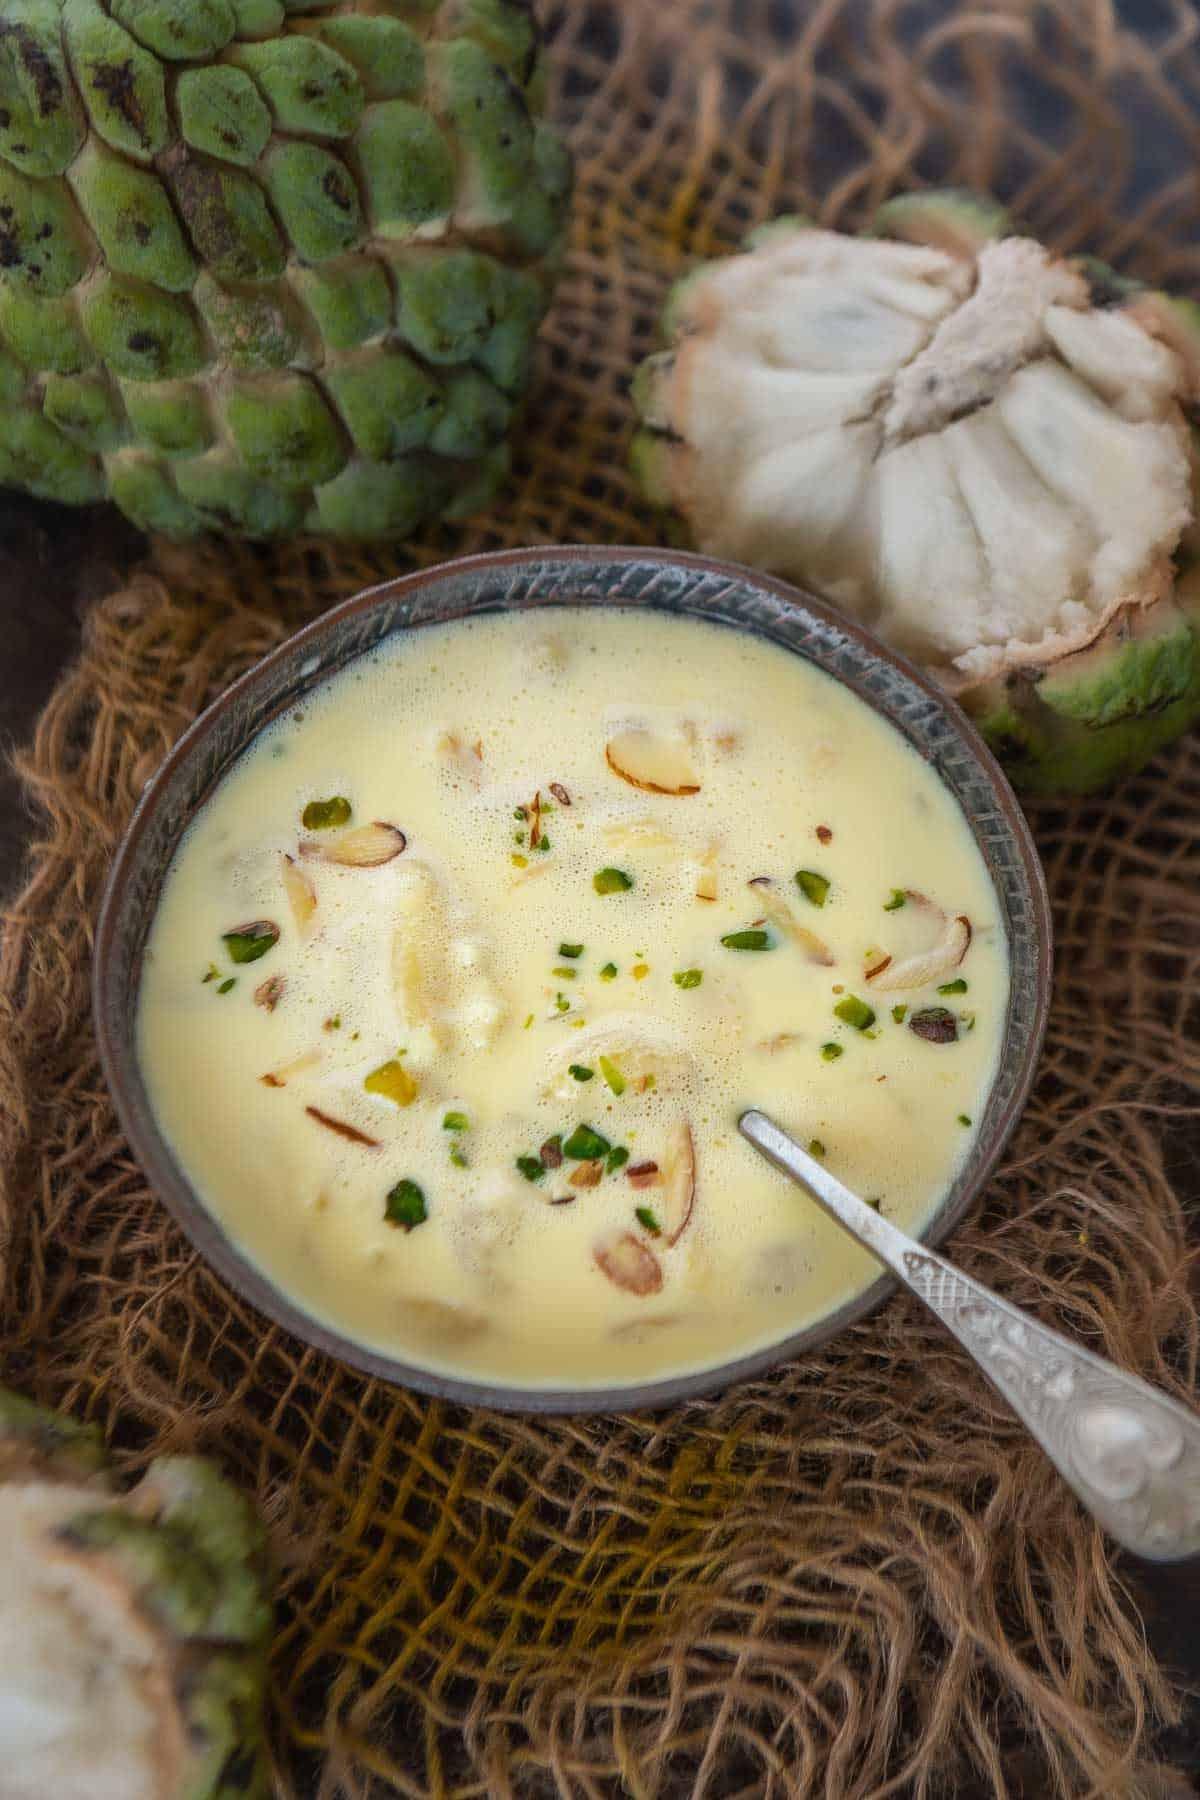 Custard Apple Basundi served in a bowl.